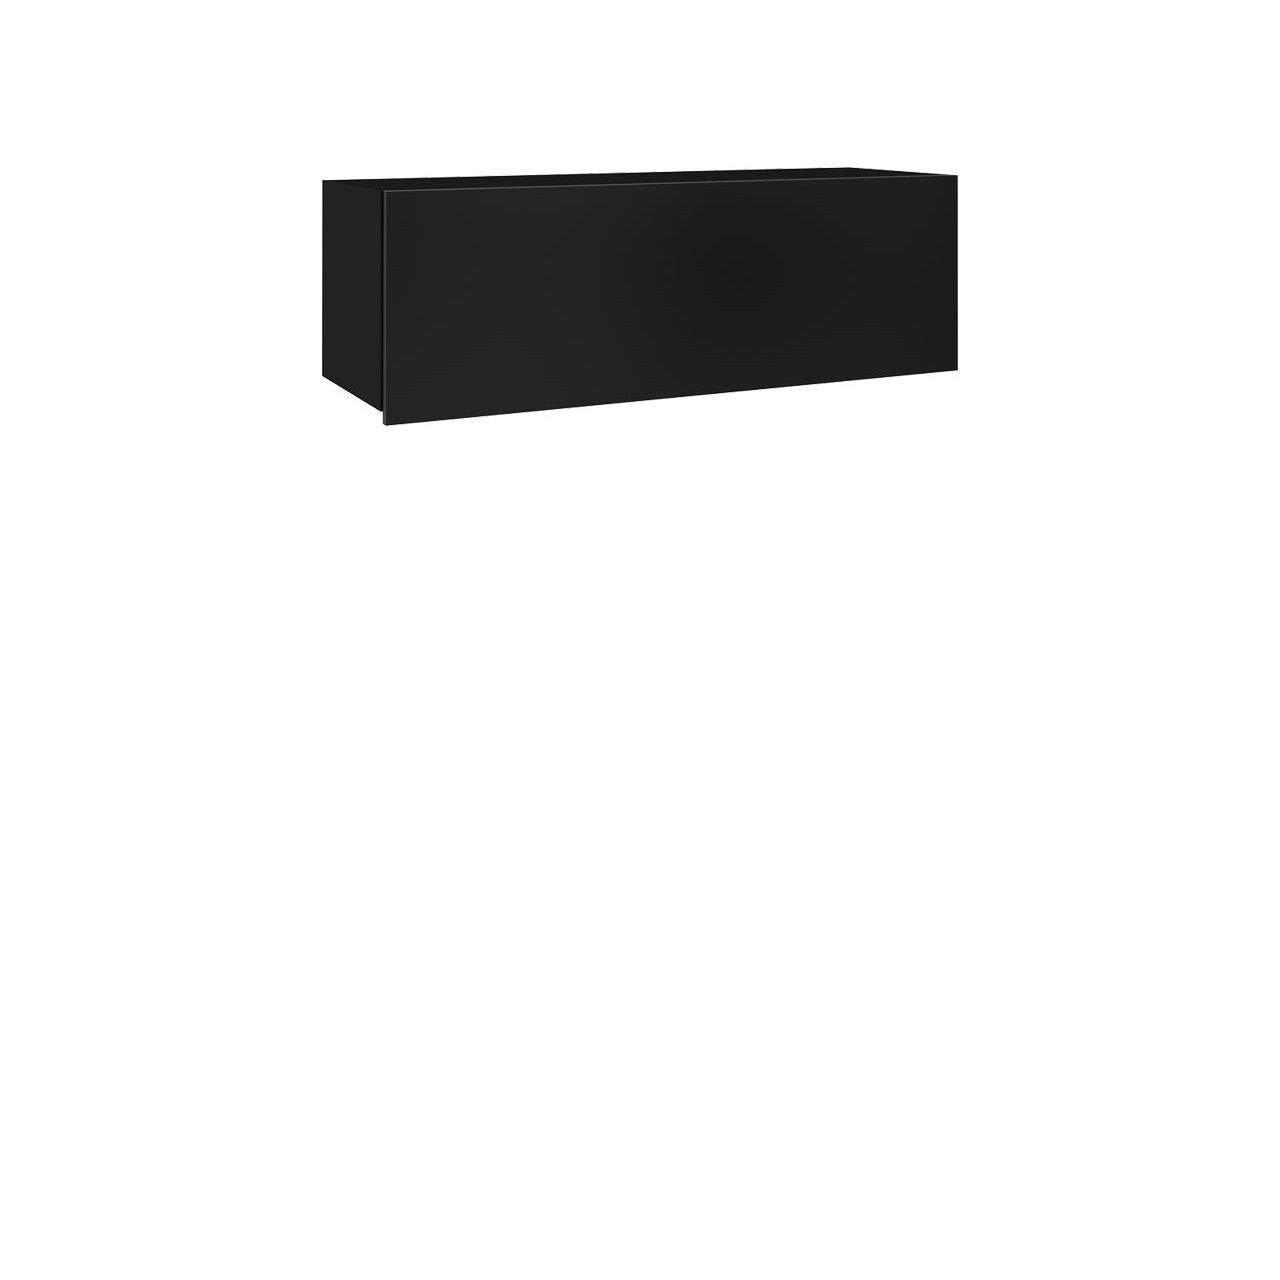 Interni Schrank Hängeschrank Wandschrank Corona Hochglanz Modern